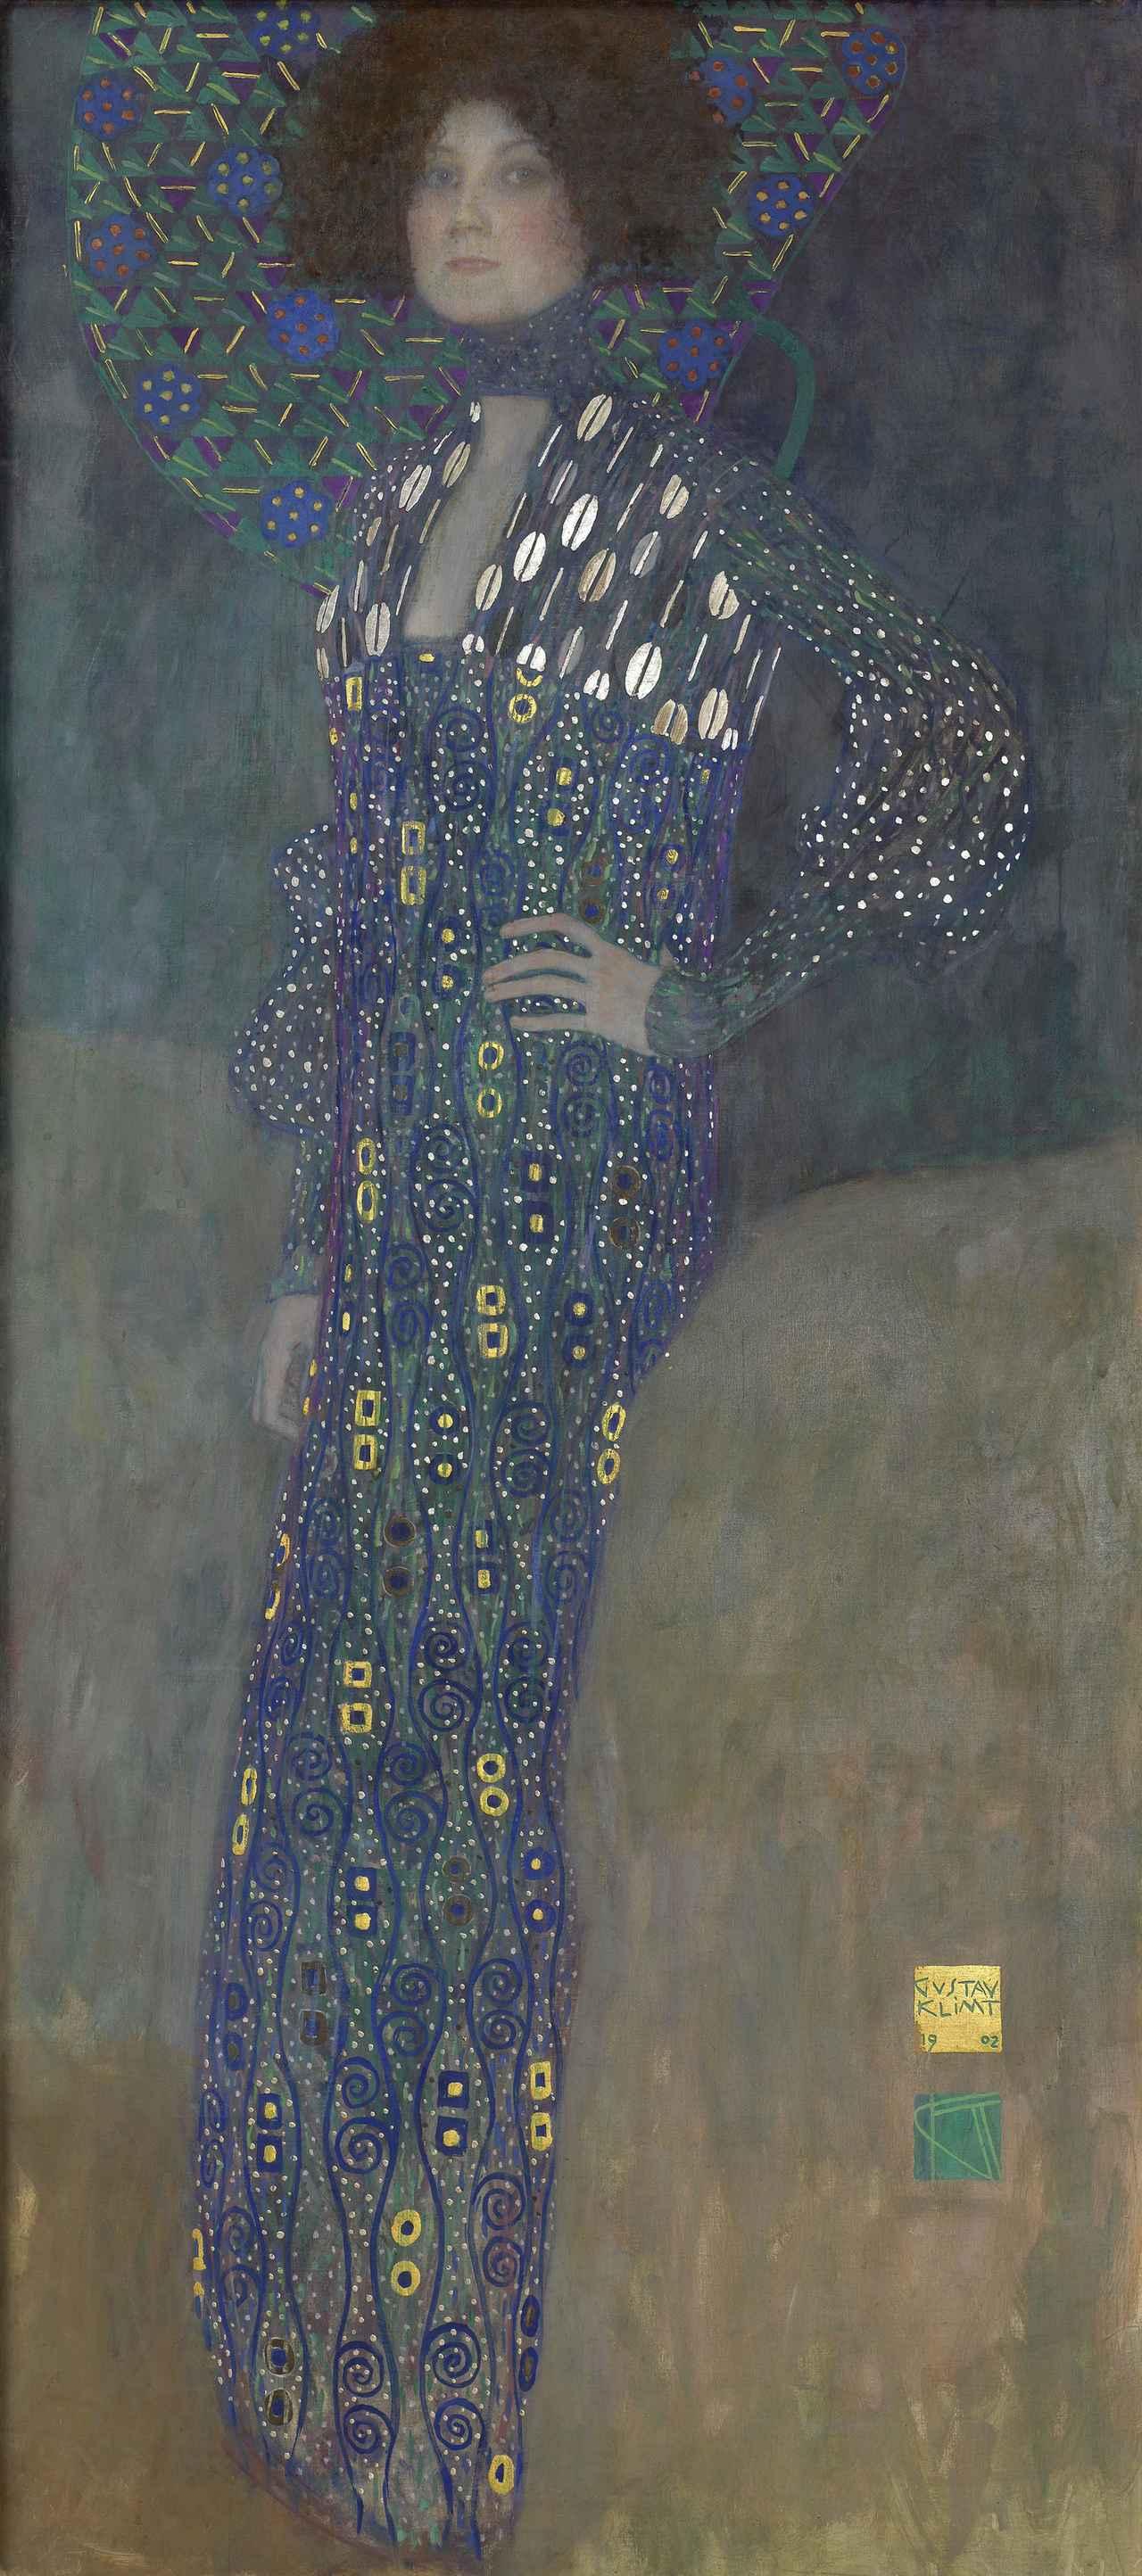 画像: グスタフ・クリムト《エミーリエ・フレーゲの肖像》1902年 油彩/カンヴァス 178×80 cm ウィーン・ミュージアム蔵 ©Wien Museum / Foto Peter Kainz